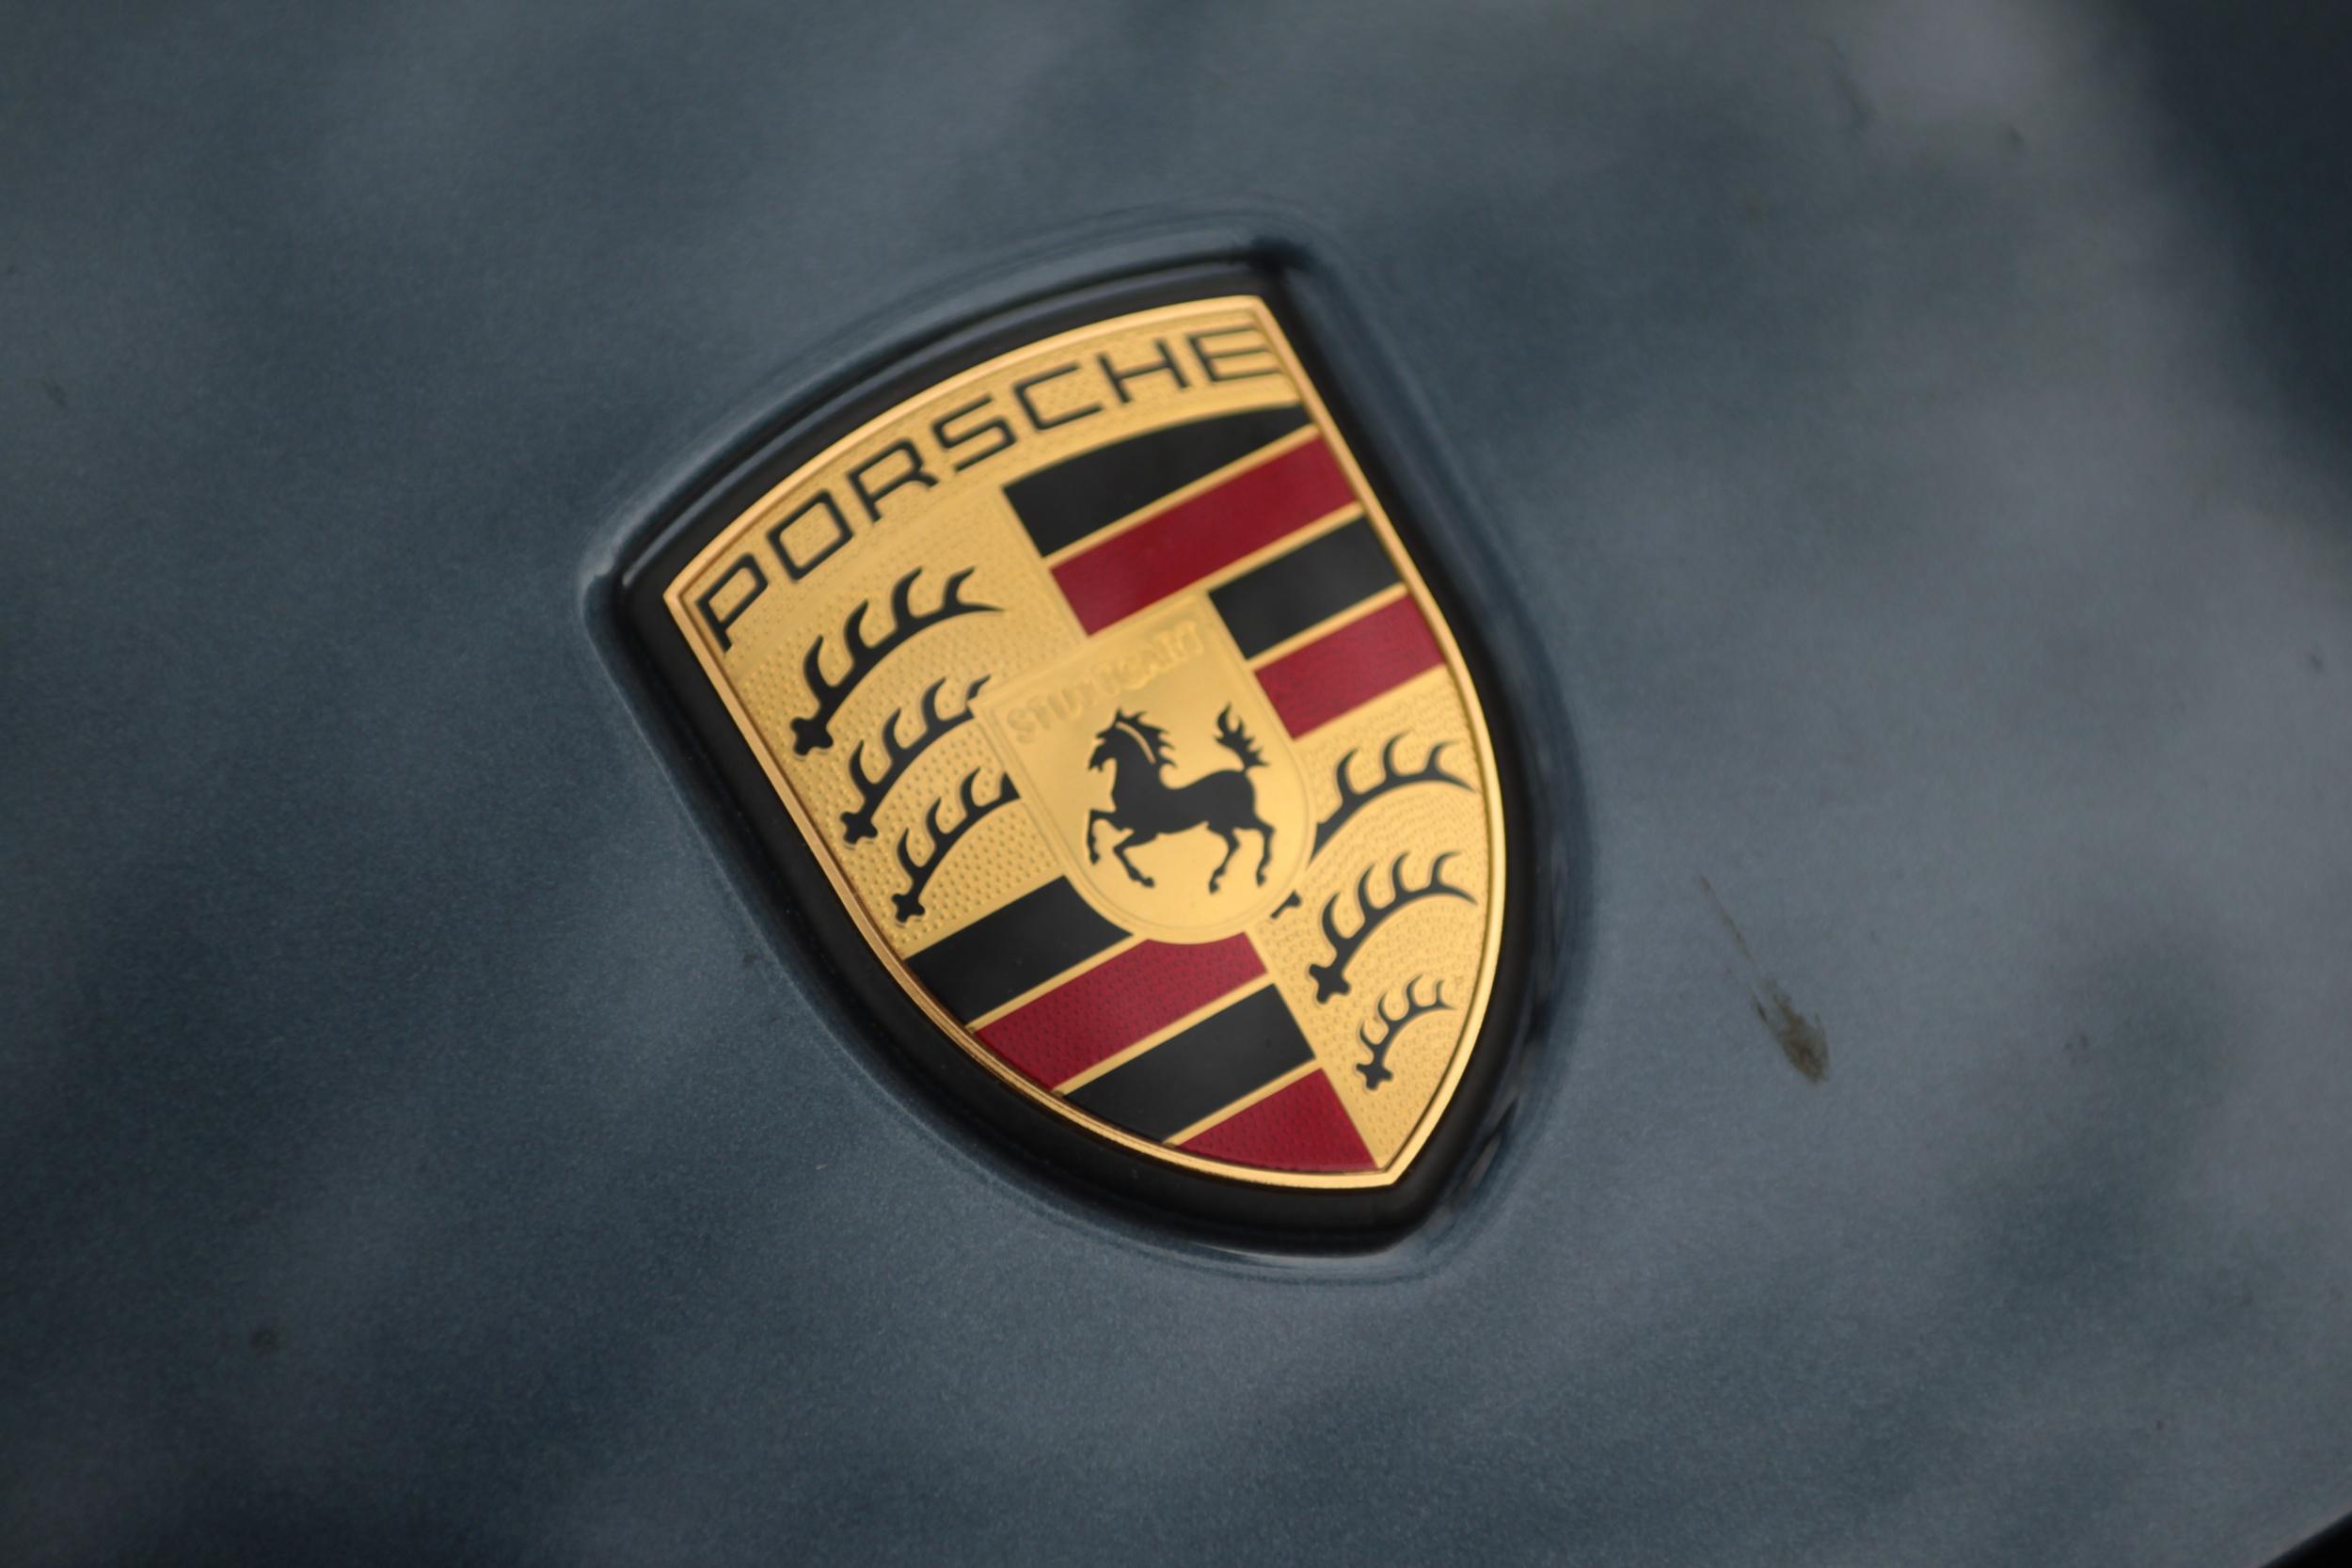 Porsche Logo Wallpaper Widescreen   image 174 2500x1667